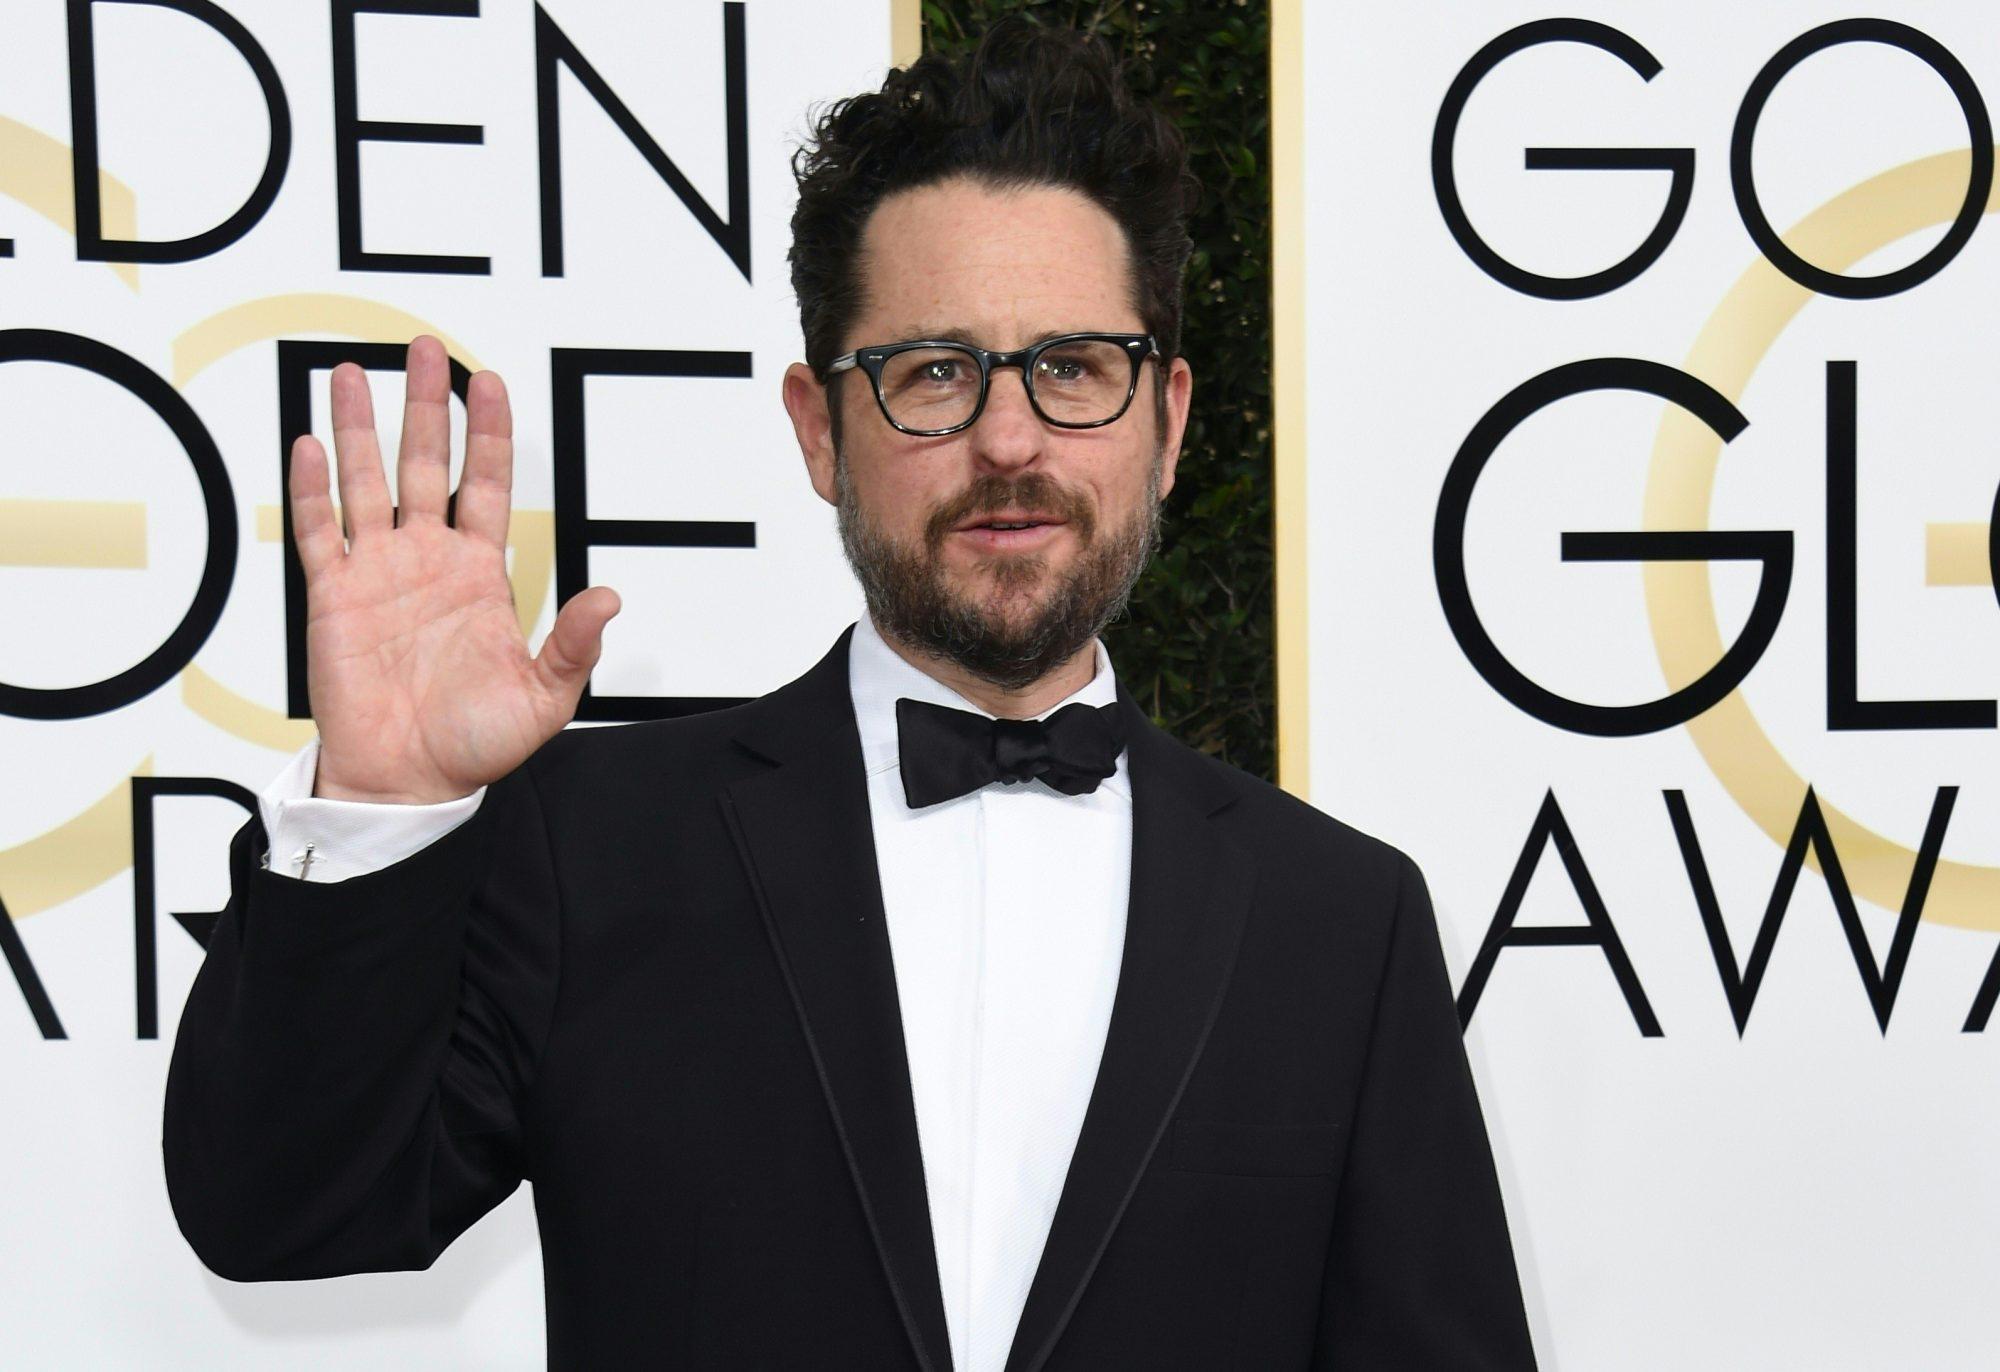 J.J. Abrams Golden Globes